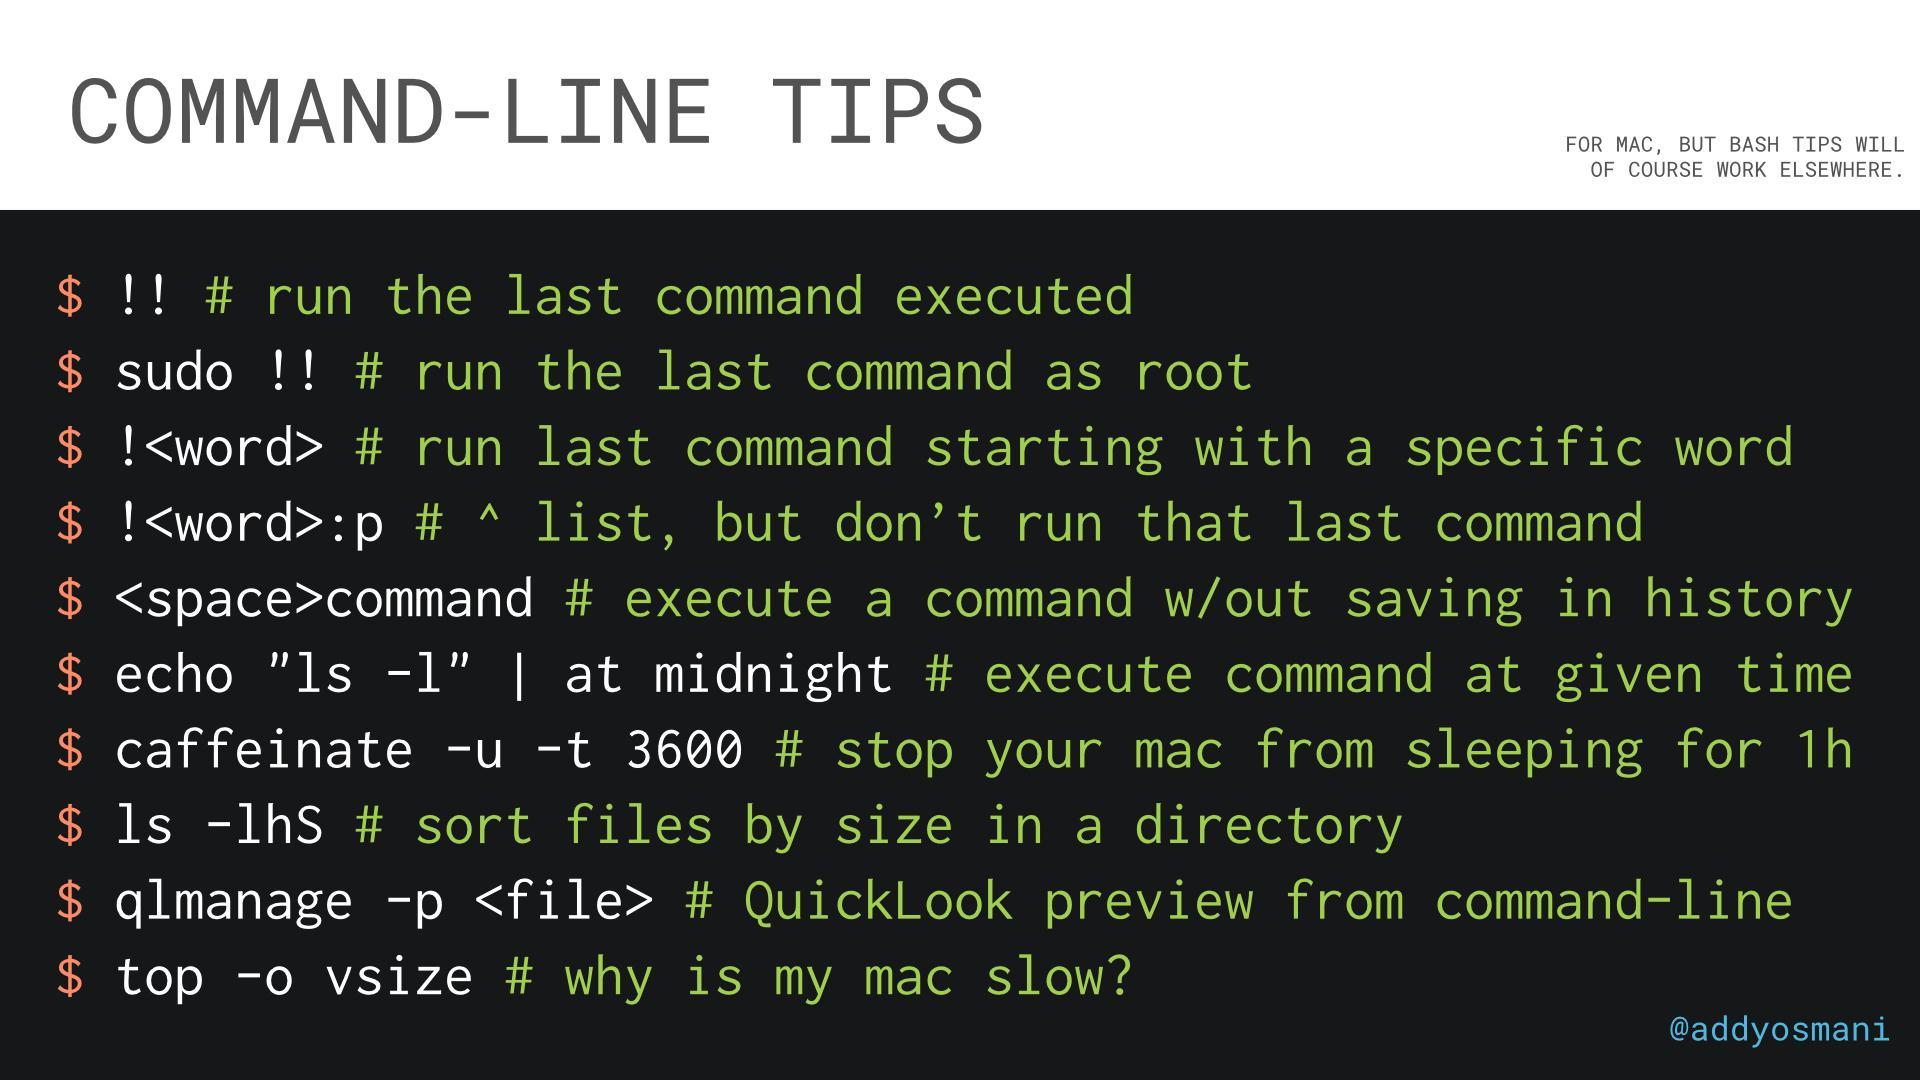 Command-line pro-tips: http://t.co/PI2g5oTtpf